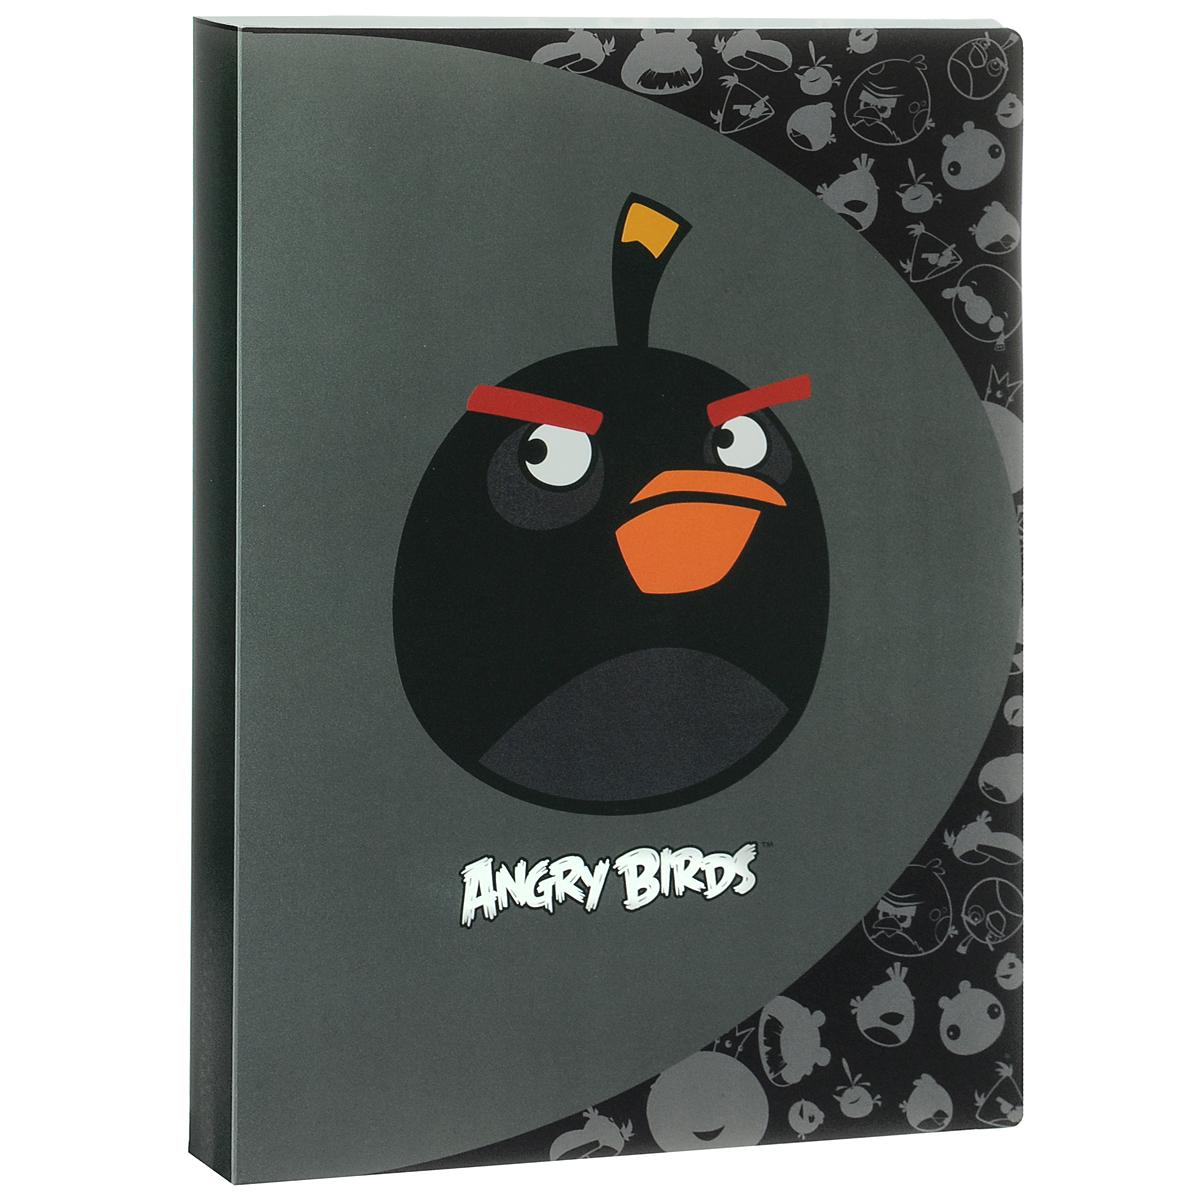 Папка Centrum Angry Birds, на 20 файлов, цвет: черный. Формат А484699ЧПапка Centrum Angry Birds - это удобный и функциональный офисный инструмент, предназначенный для хранения и транспортировки рабочих бумаг и документов формата А4. Папка изготовлена из прочного высококачественного пластика и включает в себя 20 прозрачных вкладышей-файлов. Обложка папки выполнена из матового пластика и оформлена изображением сердитой птички из игры Angry Birds. Папка имеет опрятный и неброский вид. Уголки папки имеют закругленную форму, что предотвращает их загибание и помогает надолго сохранить опрятный вид обложки. Папка - это незаменимый атрибут для любого студента или школьника. Такая папка надежно сохранит ваши бумаги и сбережет их от повреждений, пыли и влаги, а забавные птички обязательно поднимут вам настроение!